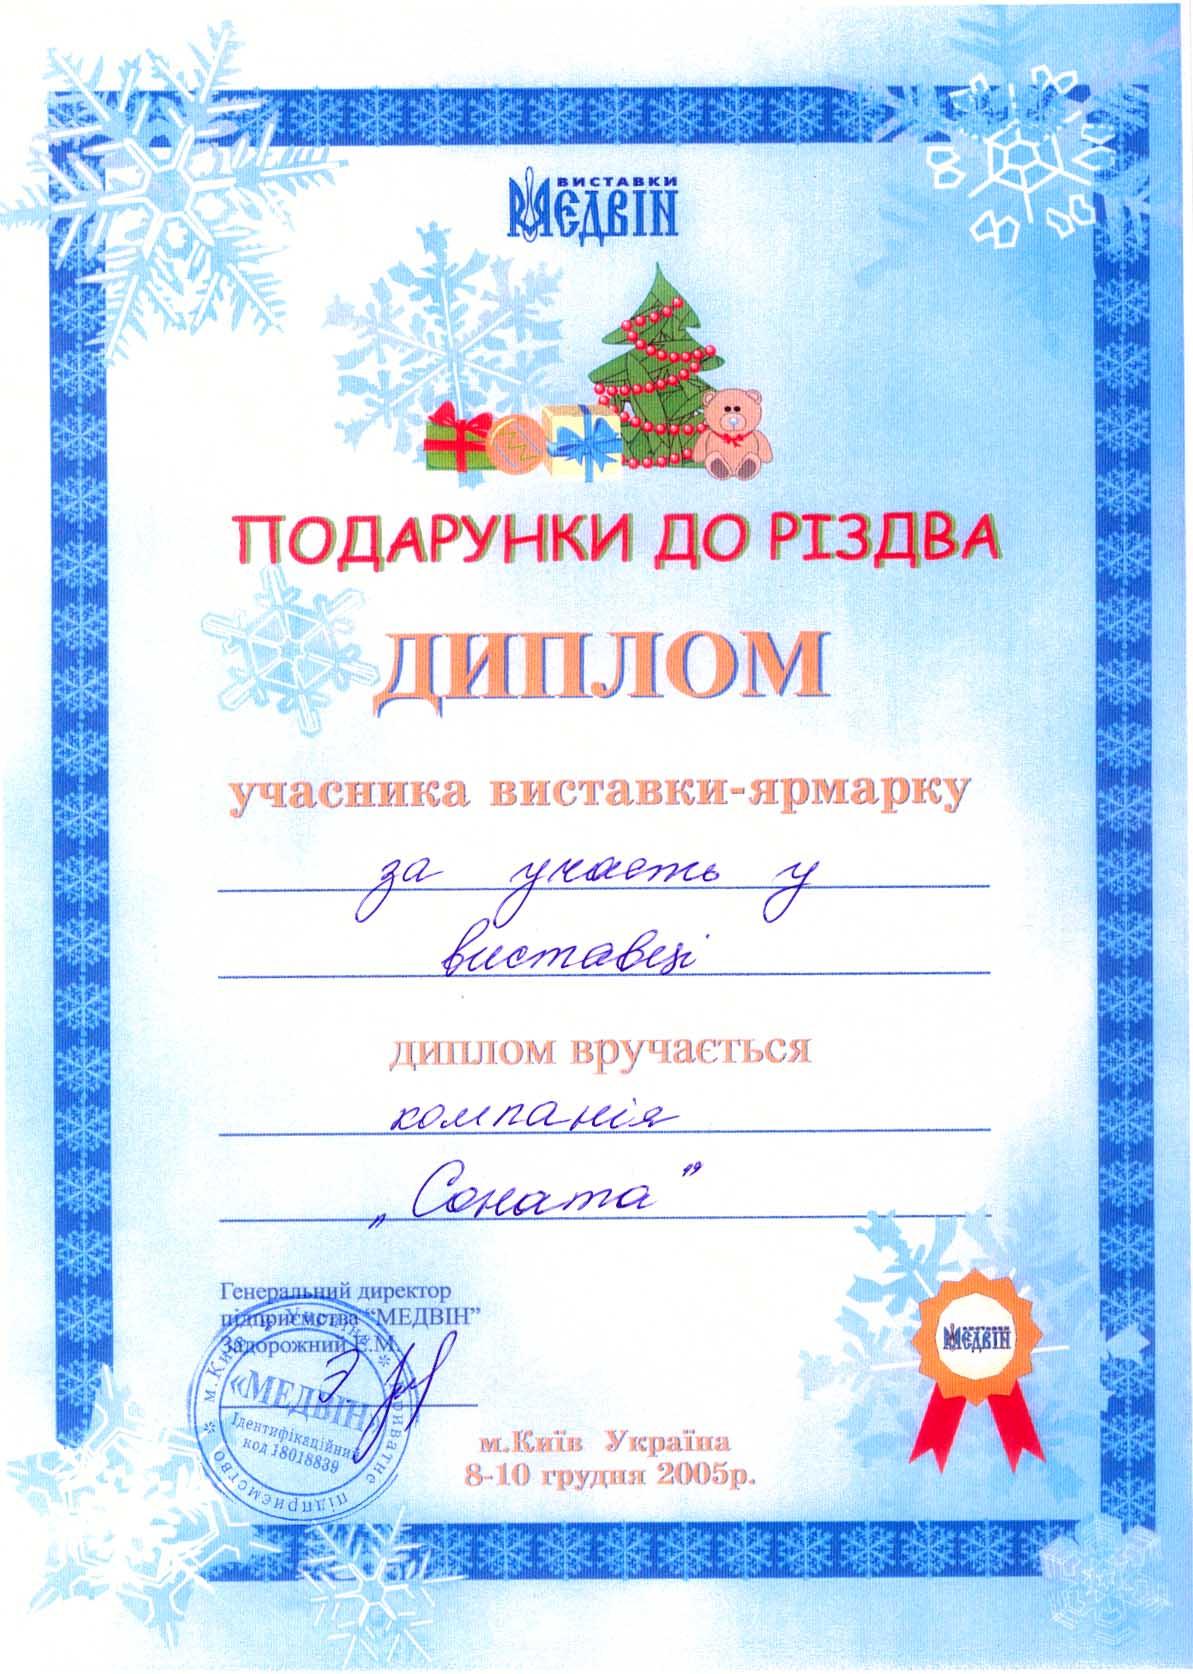 Диплом Соната за участие в выставке Подарунки до Різдва